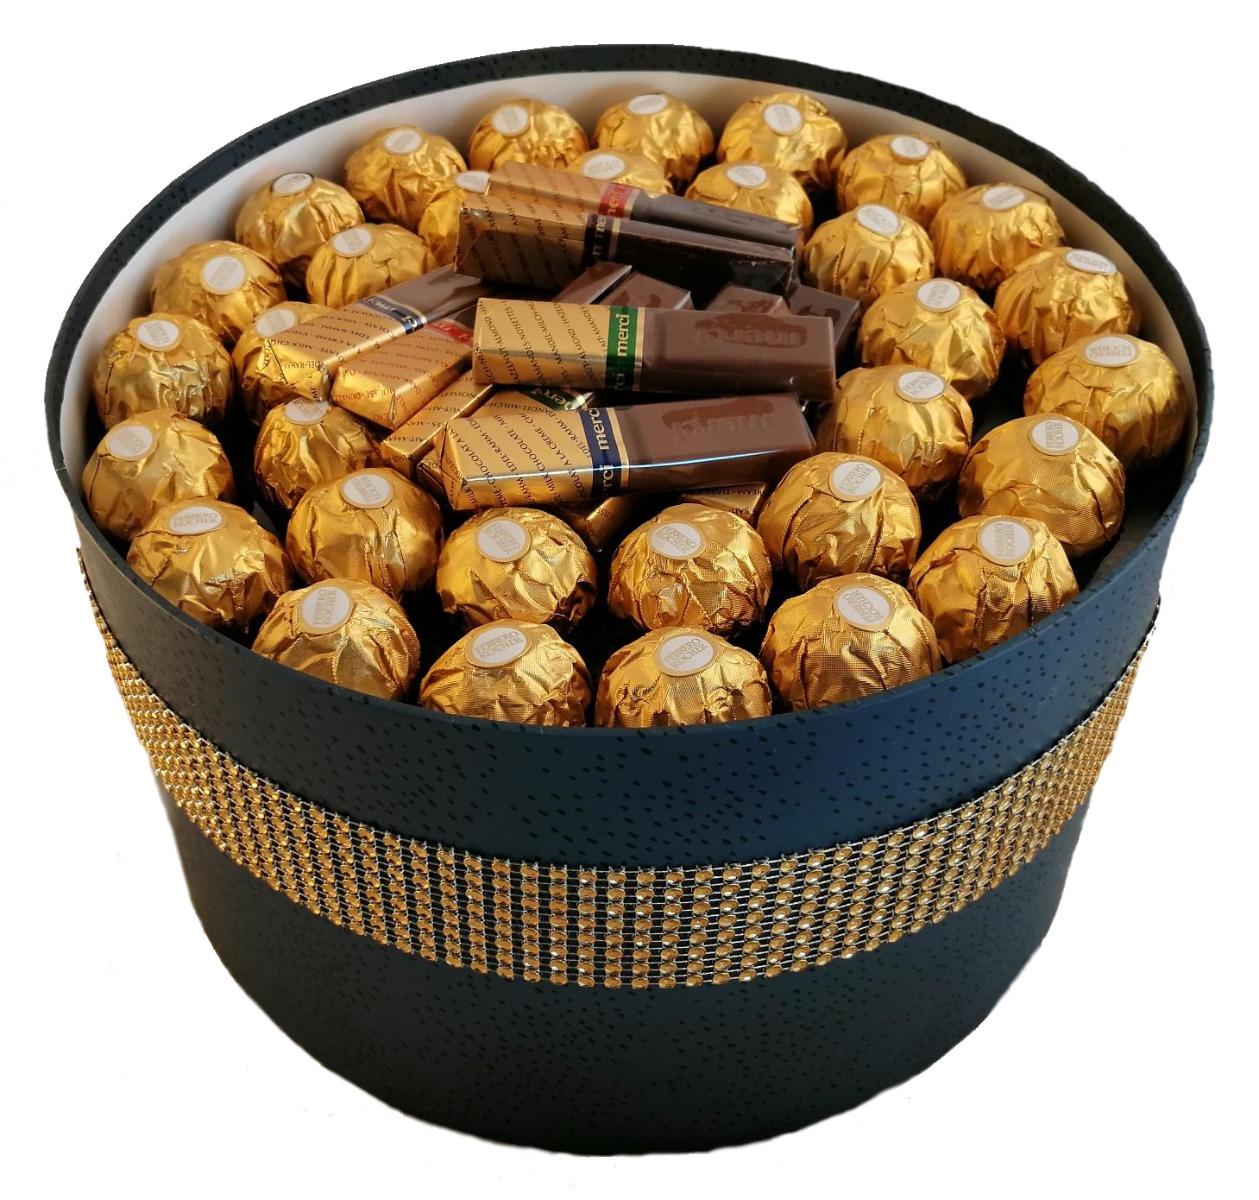 Luxury chocolate gift